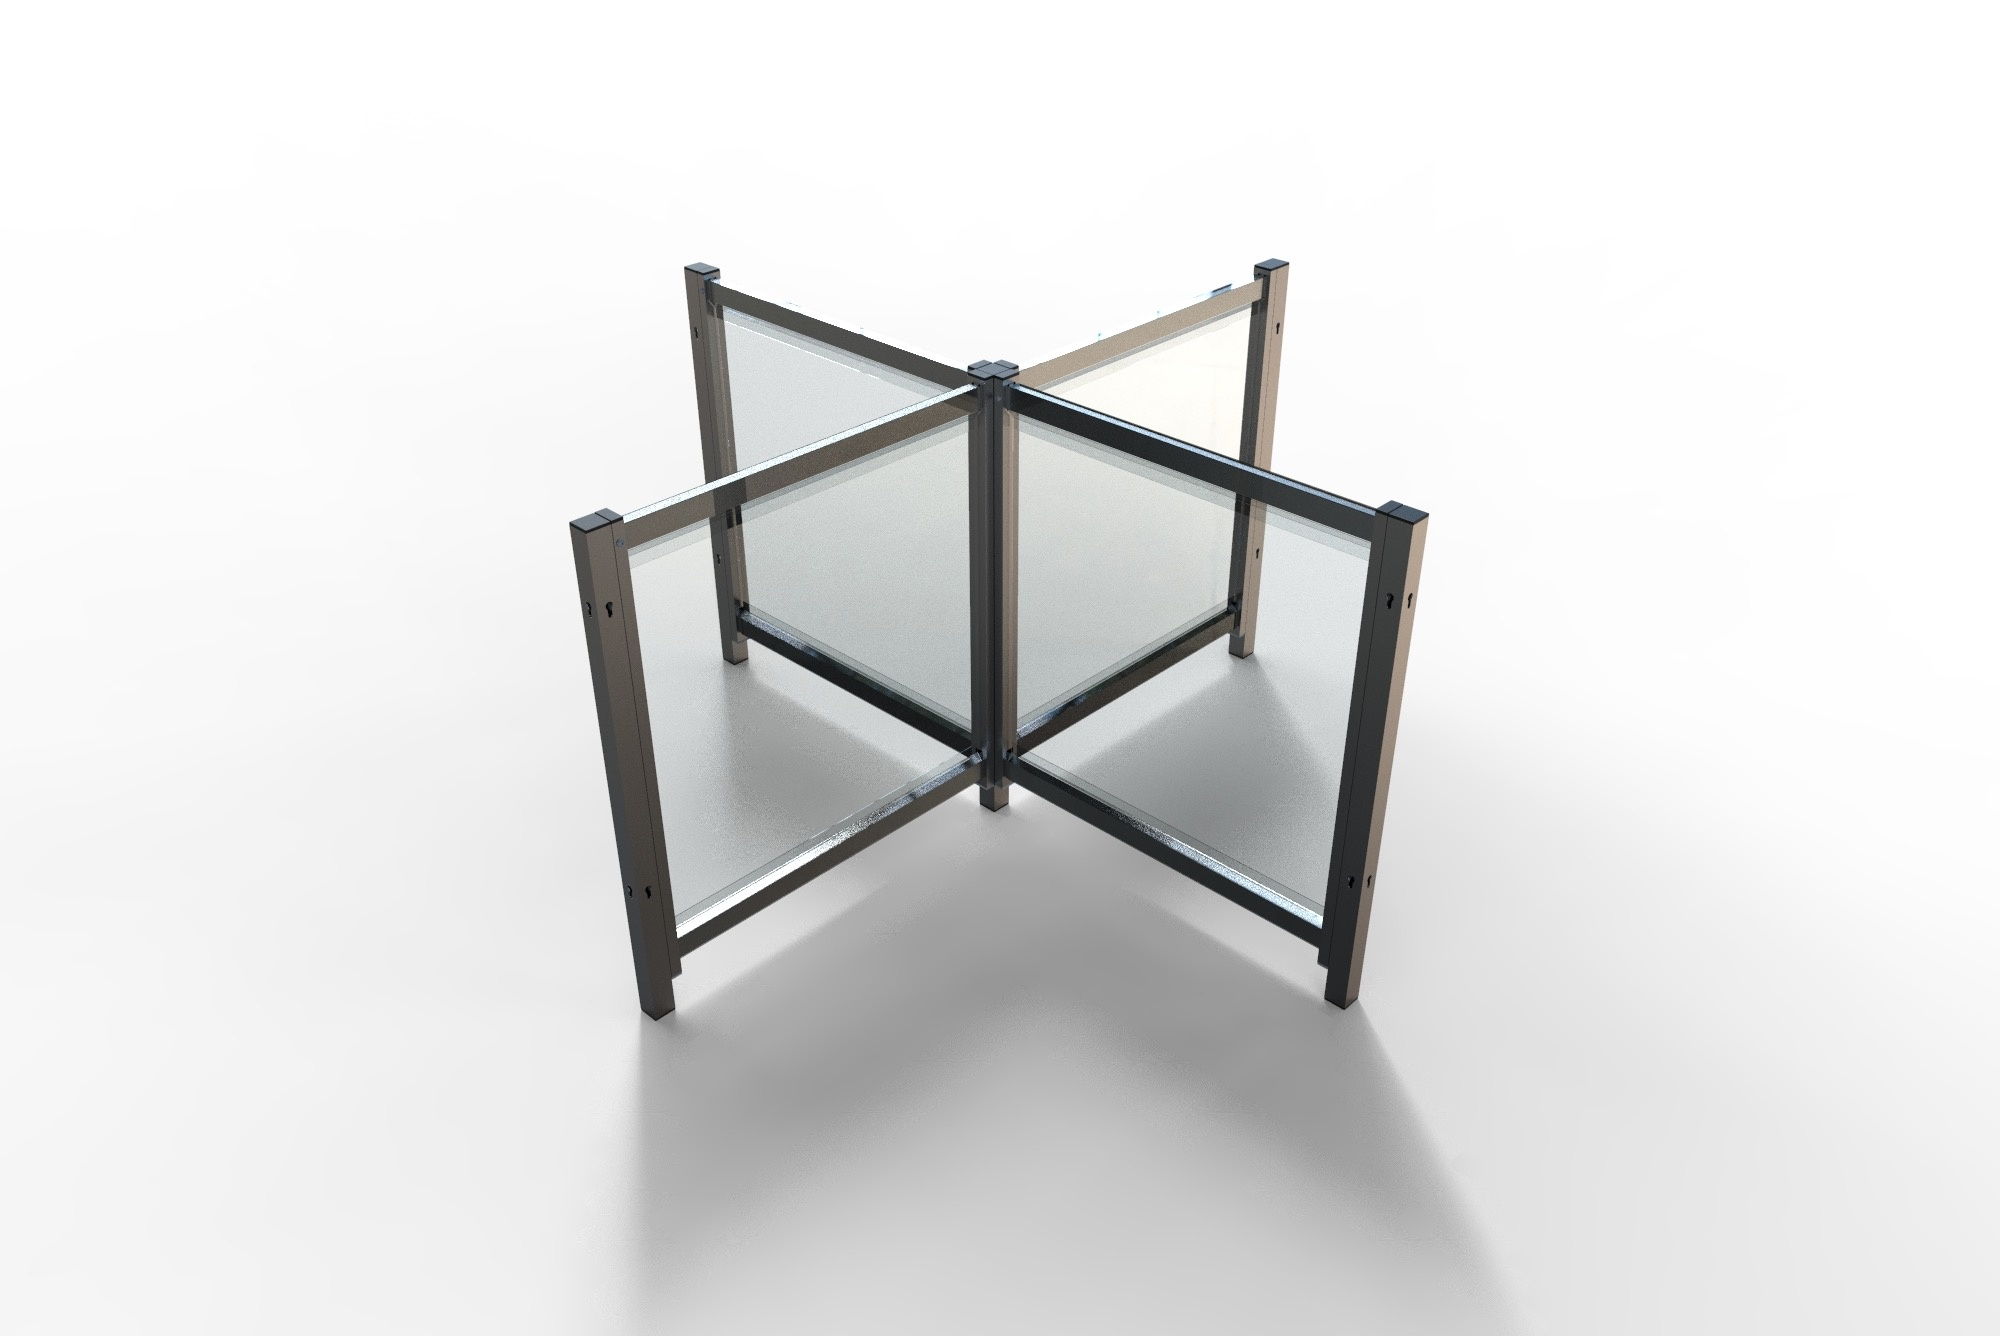 Scheidingsscherm Model Desk